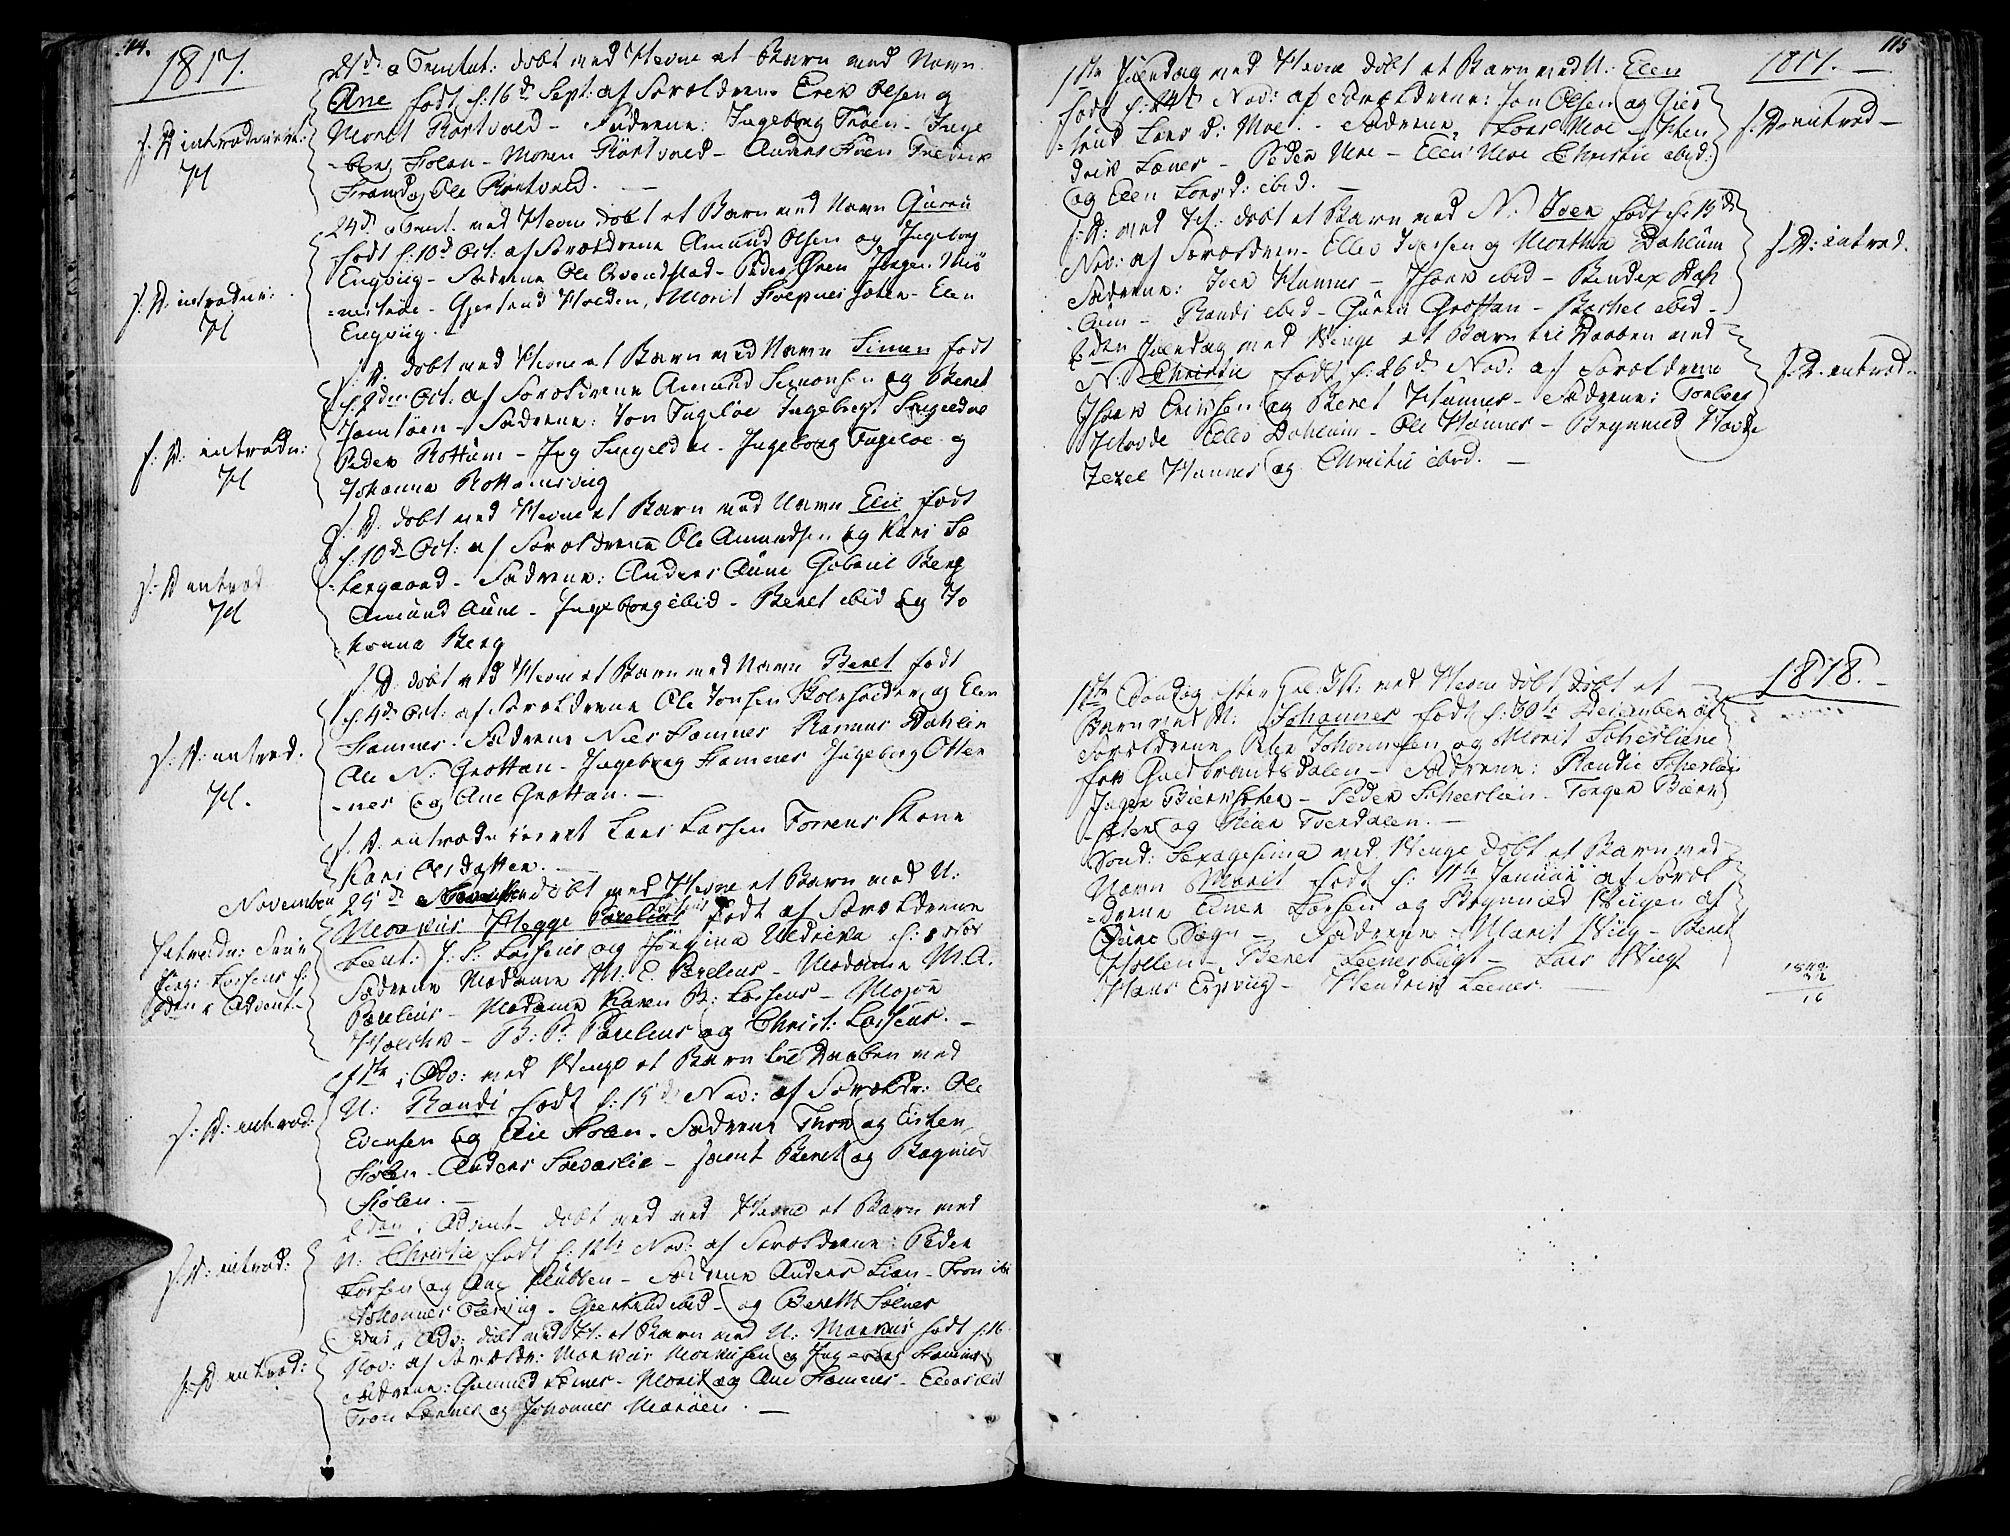 SAT, Ministerialprotokoller, klokkerbøker og fødselsregistre - Sør-Trøndelag, 630/L0490: Ministerialbok nr. 630A03, 1795-1818, s. 114-115